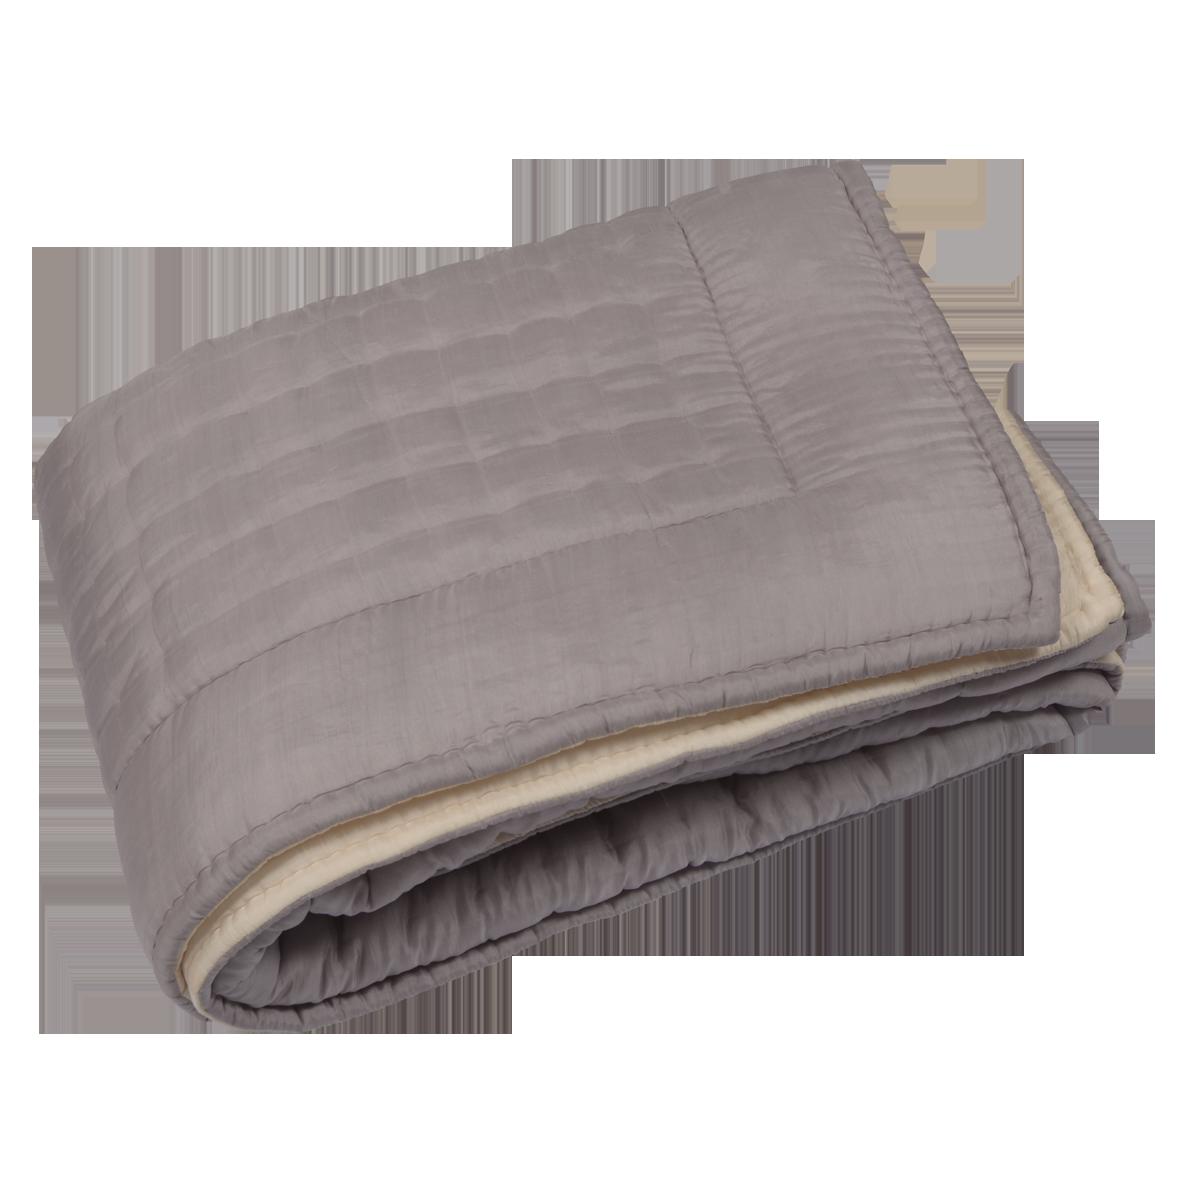 couvre lit boutis parme Boutis couvre lits réversible gris parme / ivoire   220 X 240  couvre lit boutis parme